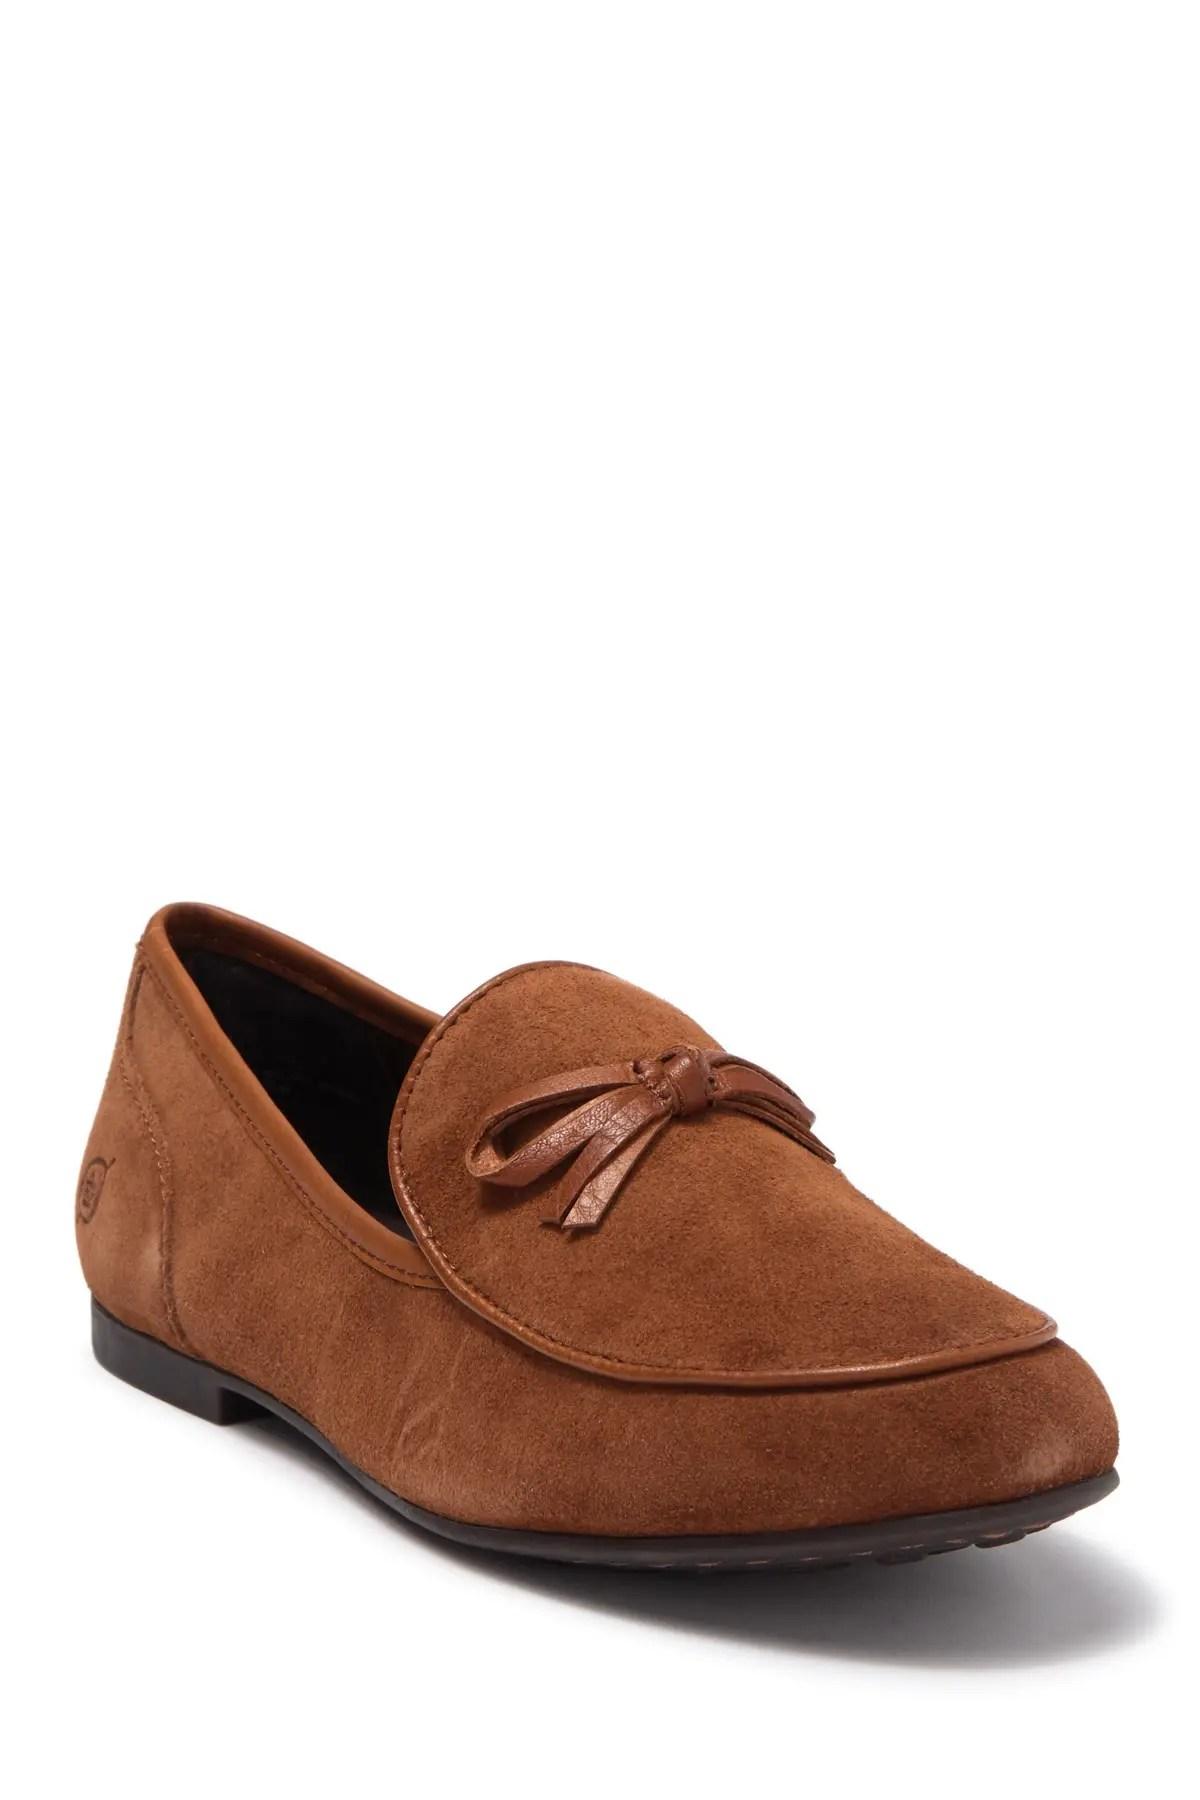 https www nordstromrack com brands born women shoes